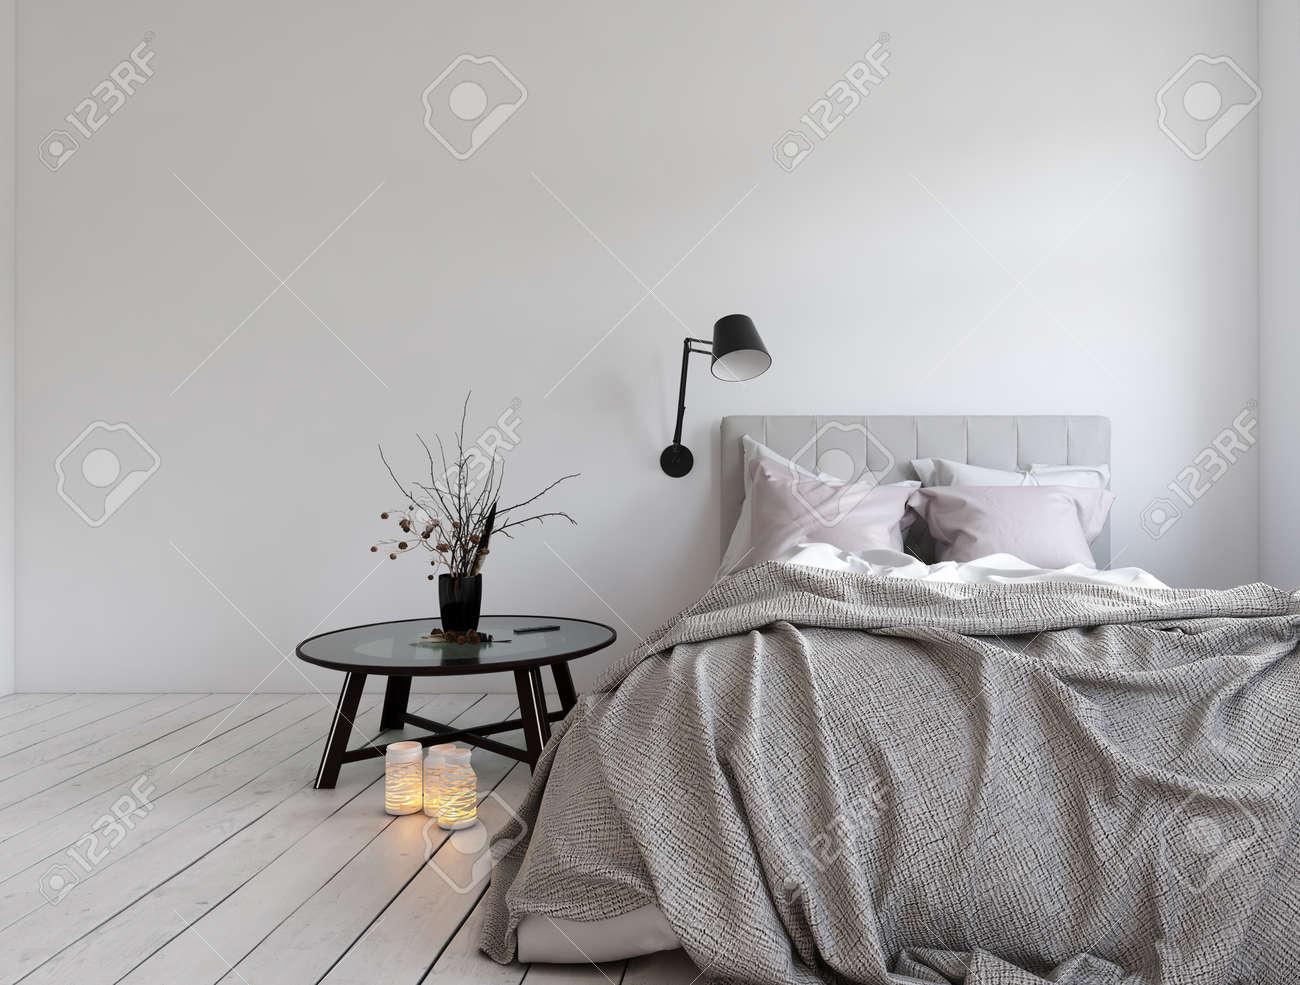 3d Render Von Unmade Bett Im Zimmer Mit Leeren Wand Und Kerzen Auf